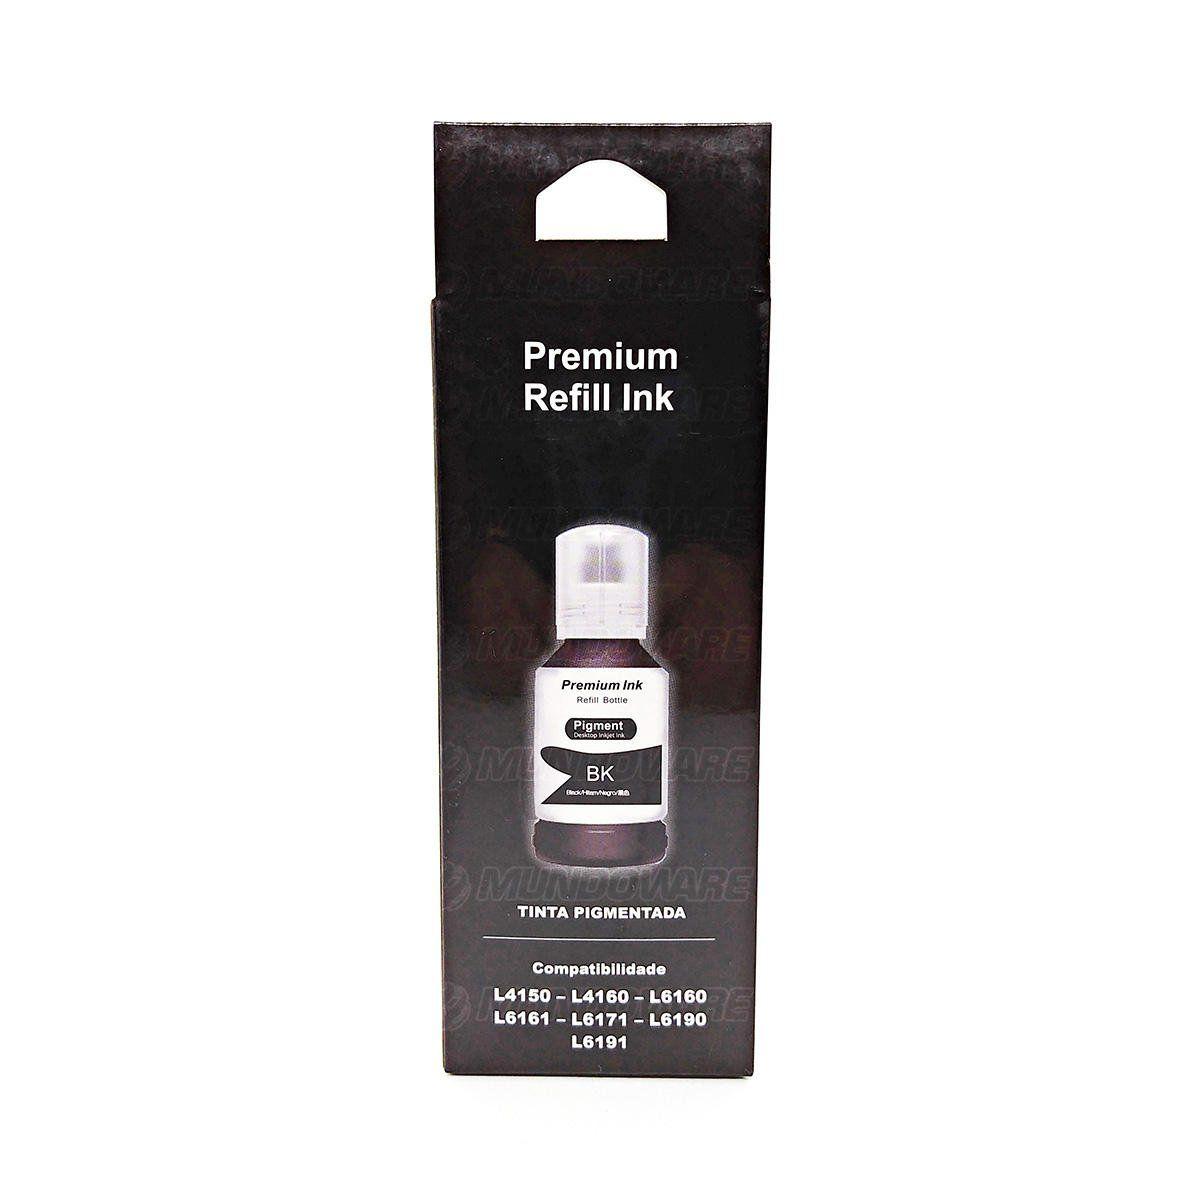 Compatível: Tinta Pigmentada Laserteck para Epson L4150 L4160 L6160 L6161 L6171 L6190 L6191 4150 6160 / Preto / 127ml